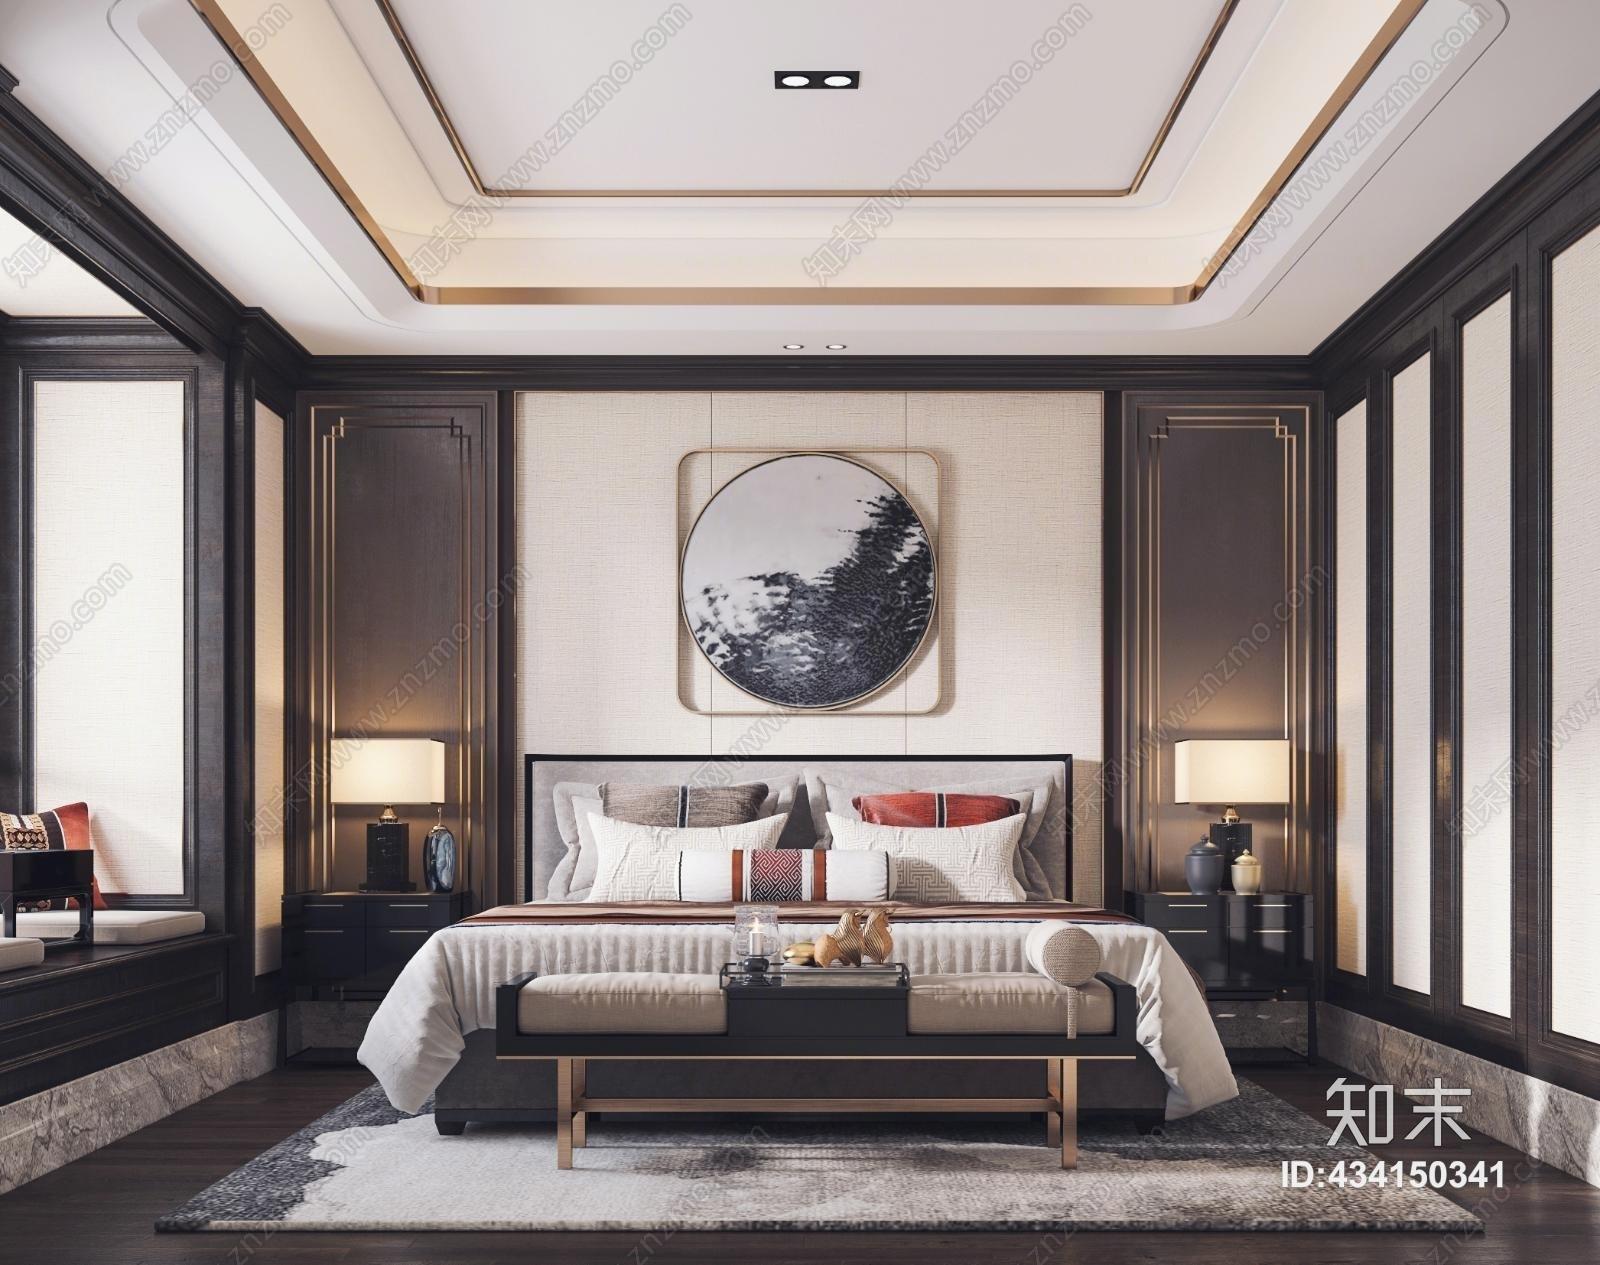 新中式卧室 新中式床 床尾凳 床头柜 装饰画 墙饰 台灯 饰品摆件